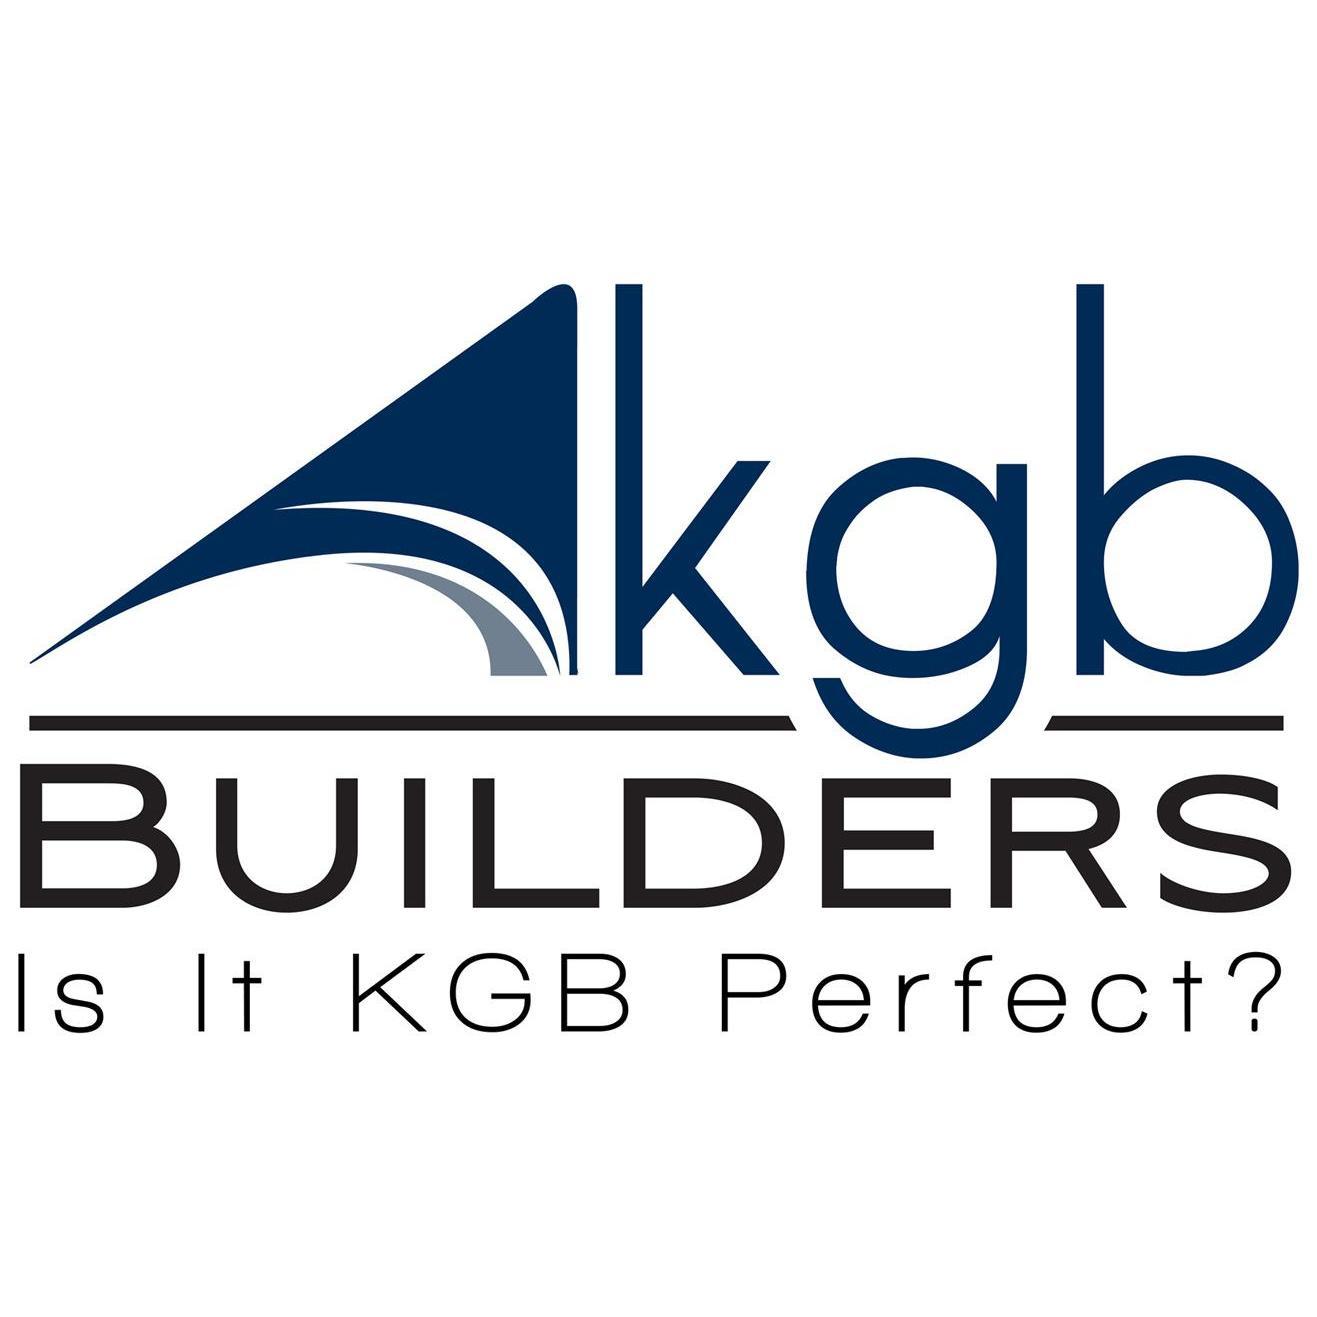 Kevin J. Garvey Builders LLC